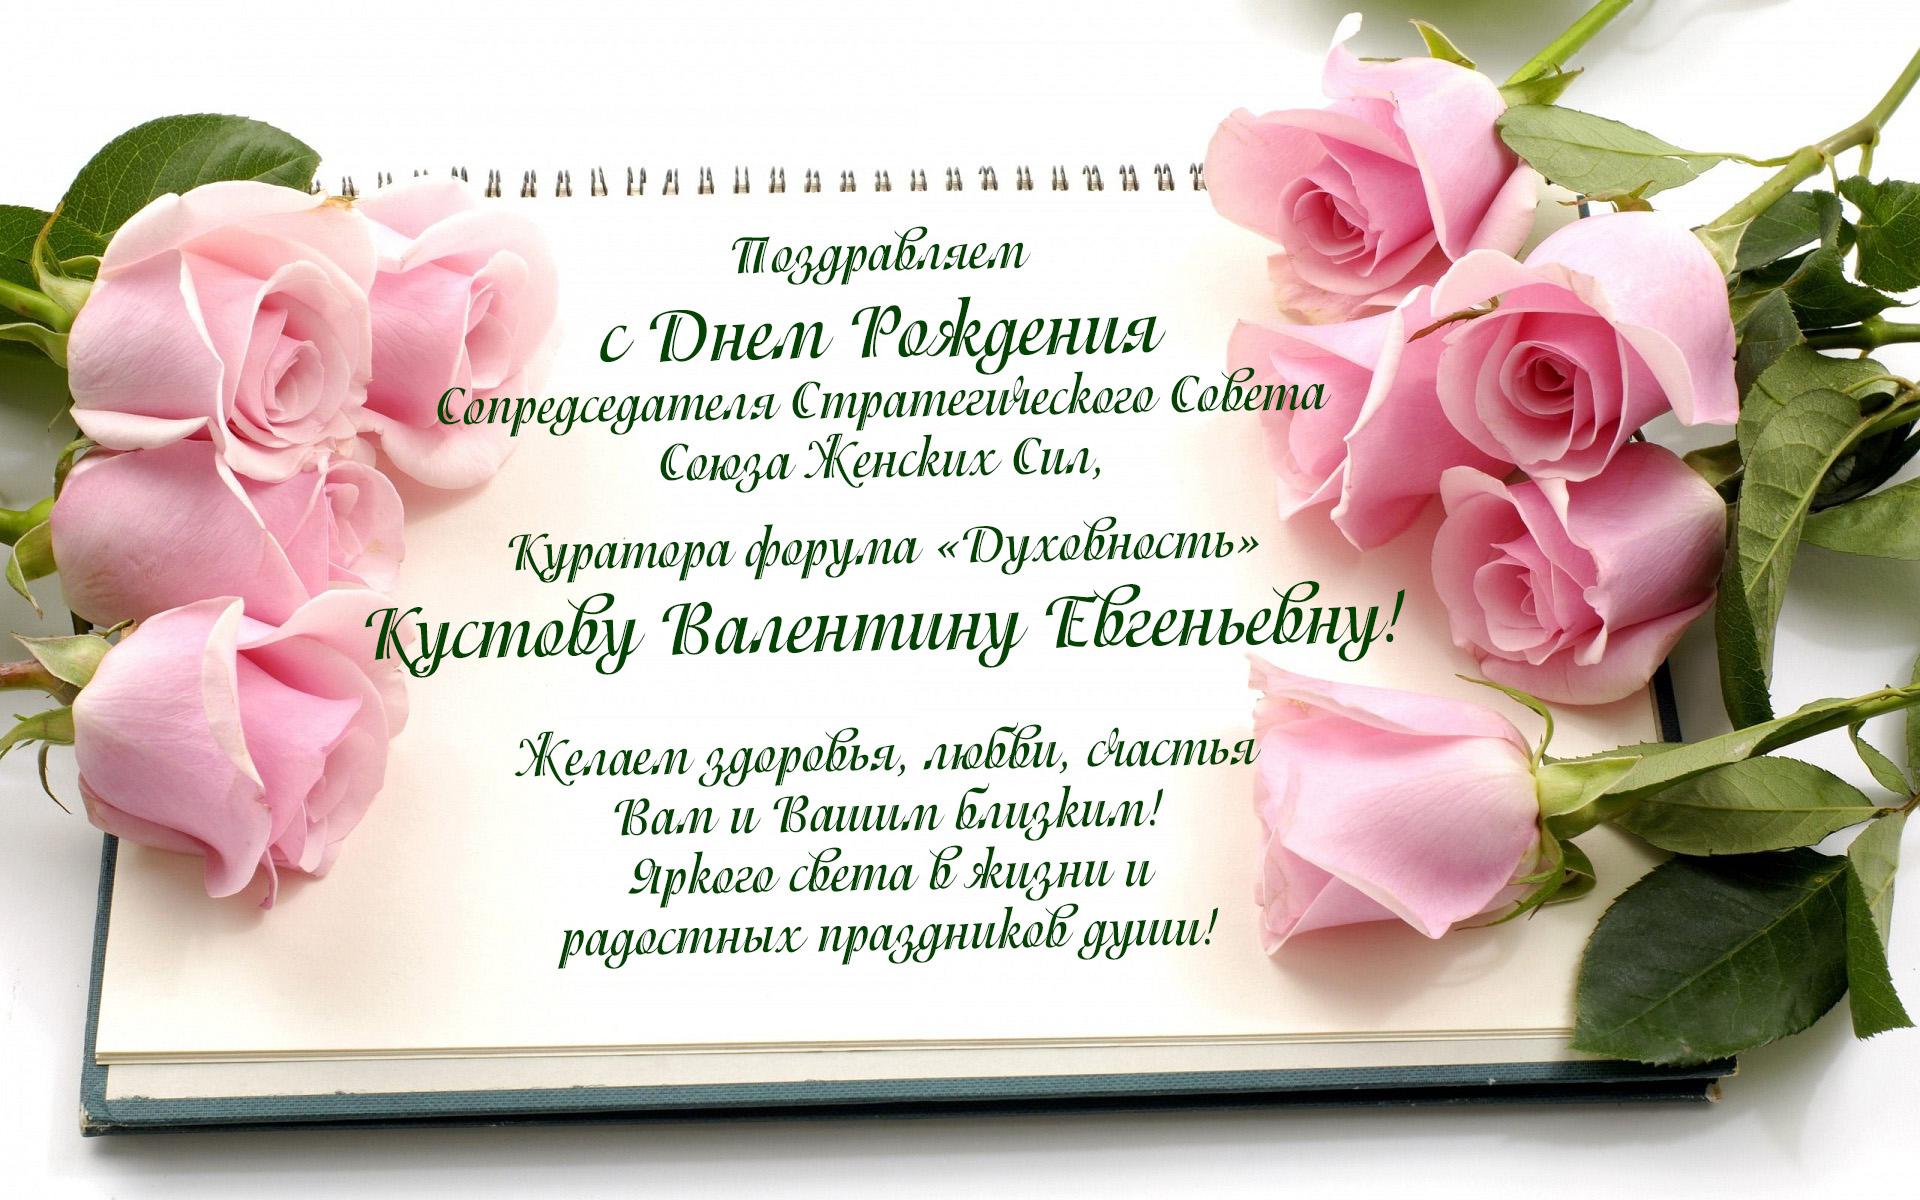 Поздравления с днем рождения однокласснице от одноклассницы